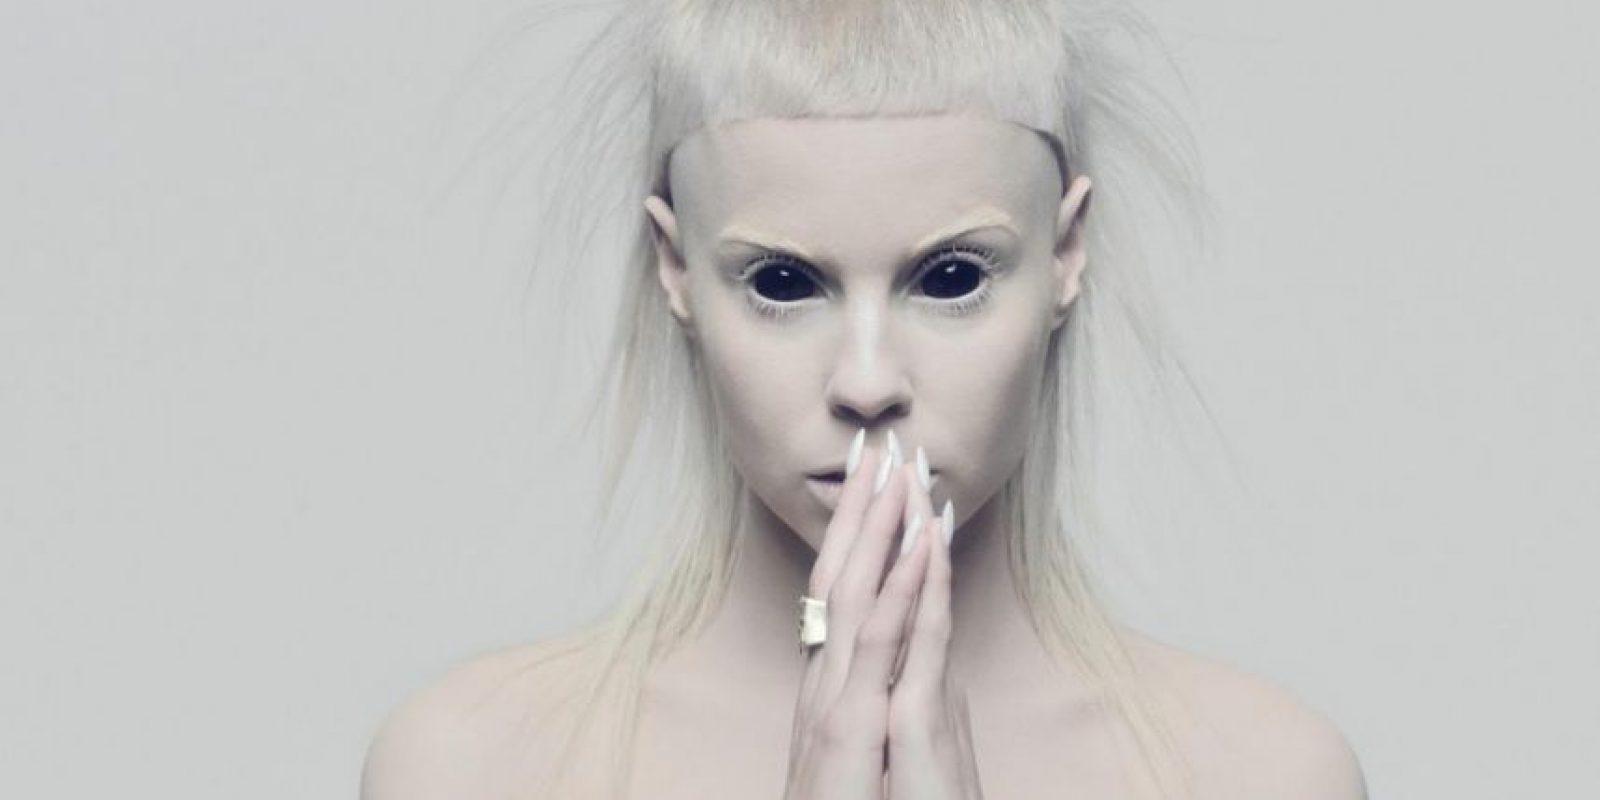 """Se parece a Yolandi Visser, cantante de """"Die Antwoord"""". Foto:vía Die Antwoord"""